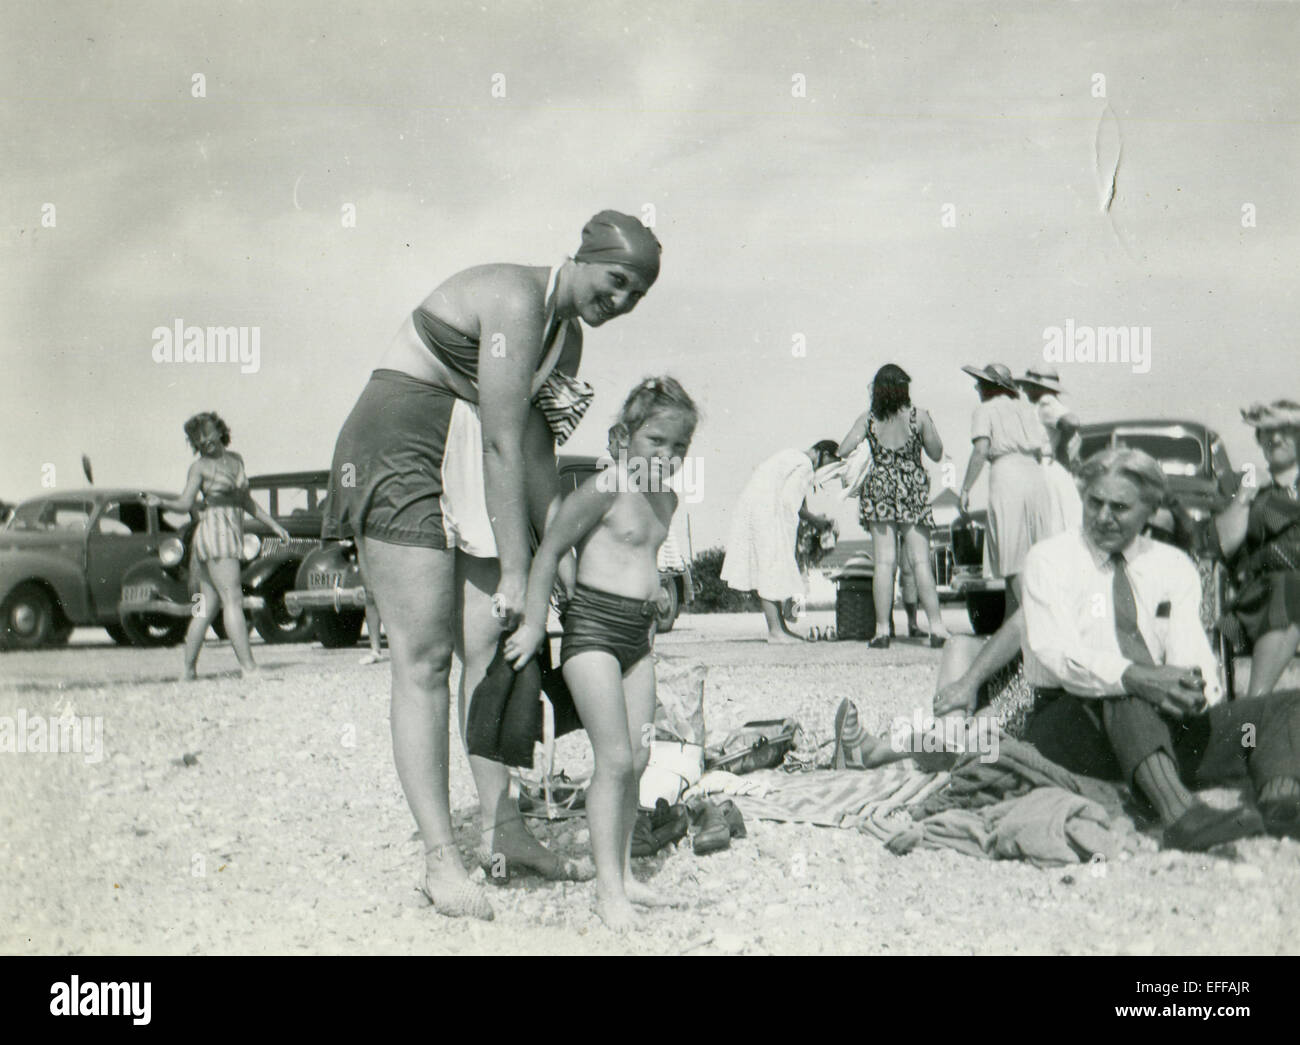 Diciembre 12, 2014 - Canadá - circa 1930: Reproducción de una antigua foto muestra a una mujer en un traje de baño y una tapa de goma pone una niña en la playa, viéndolos ancianos empresario en un empate, sin chaqueta, que está junto a la arena. En el fondo, una mujer en un traje de baño y un traje y sombrero contra el telón de fondo de automóviles. (Crédito de la Imagen: © Igor Golovniov/Cable/ZUMAPRESS.com) Zuma. Foto de stock